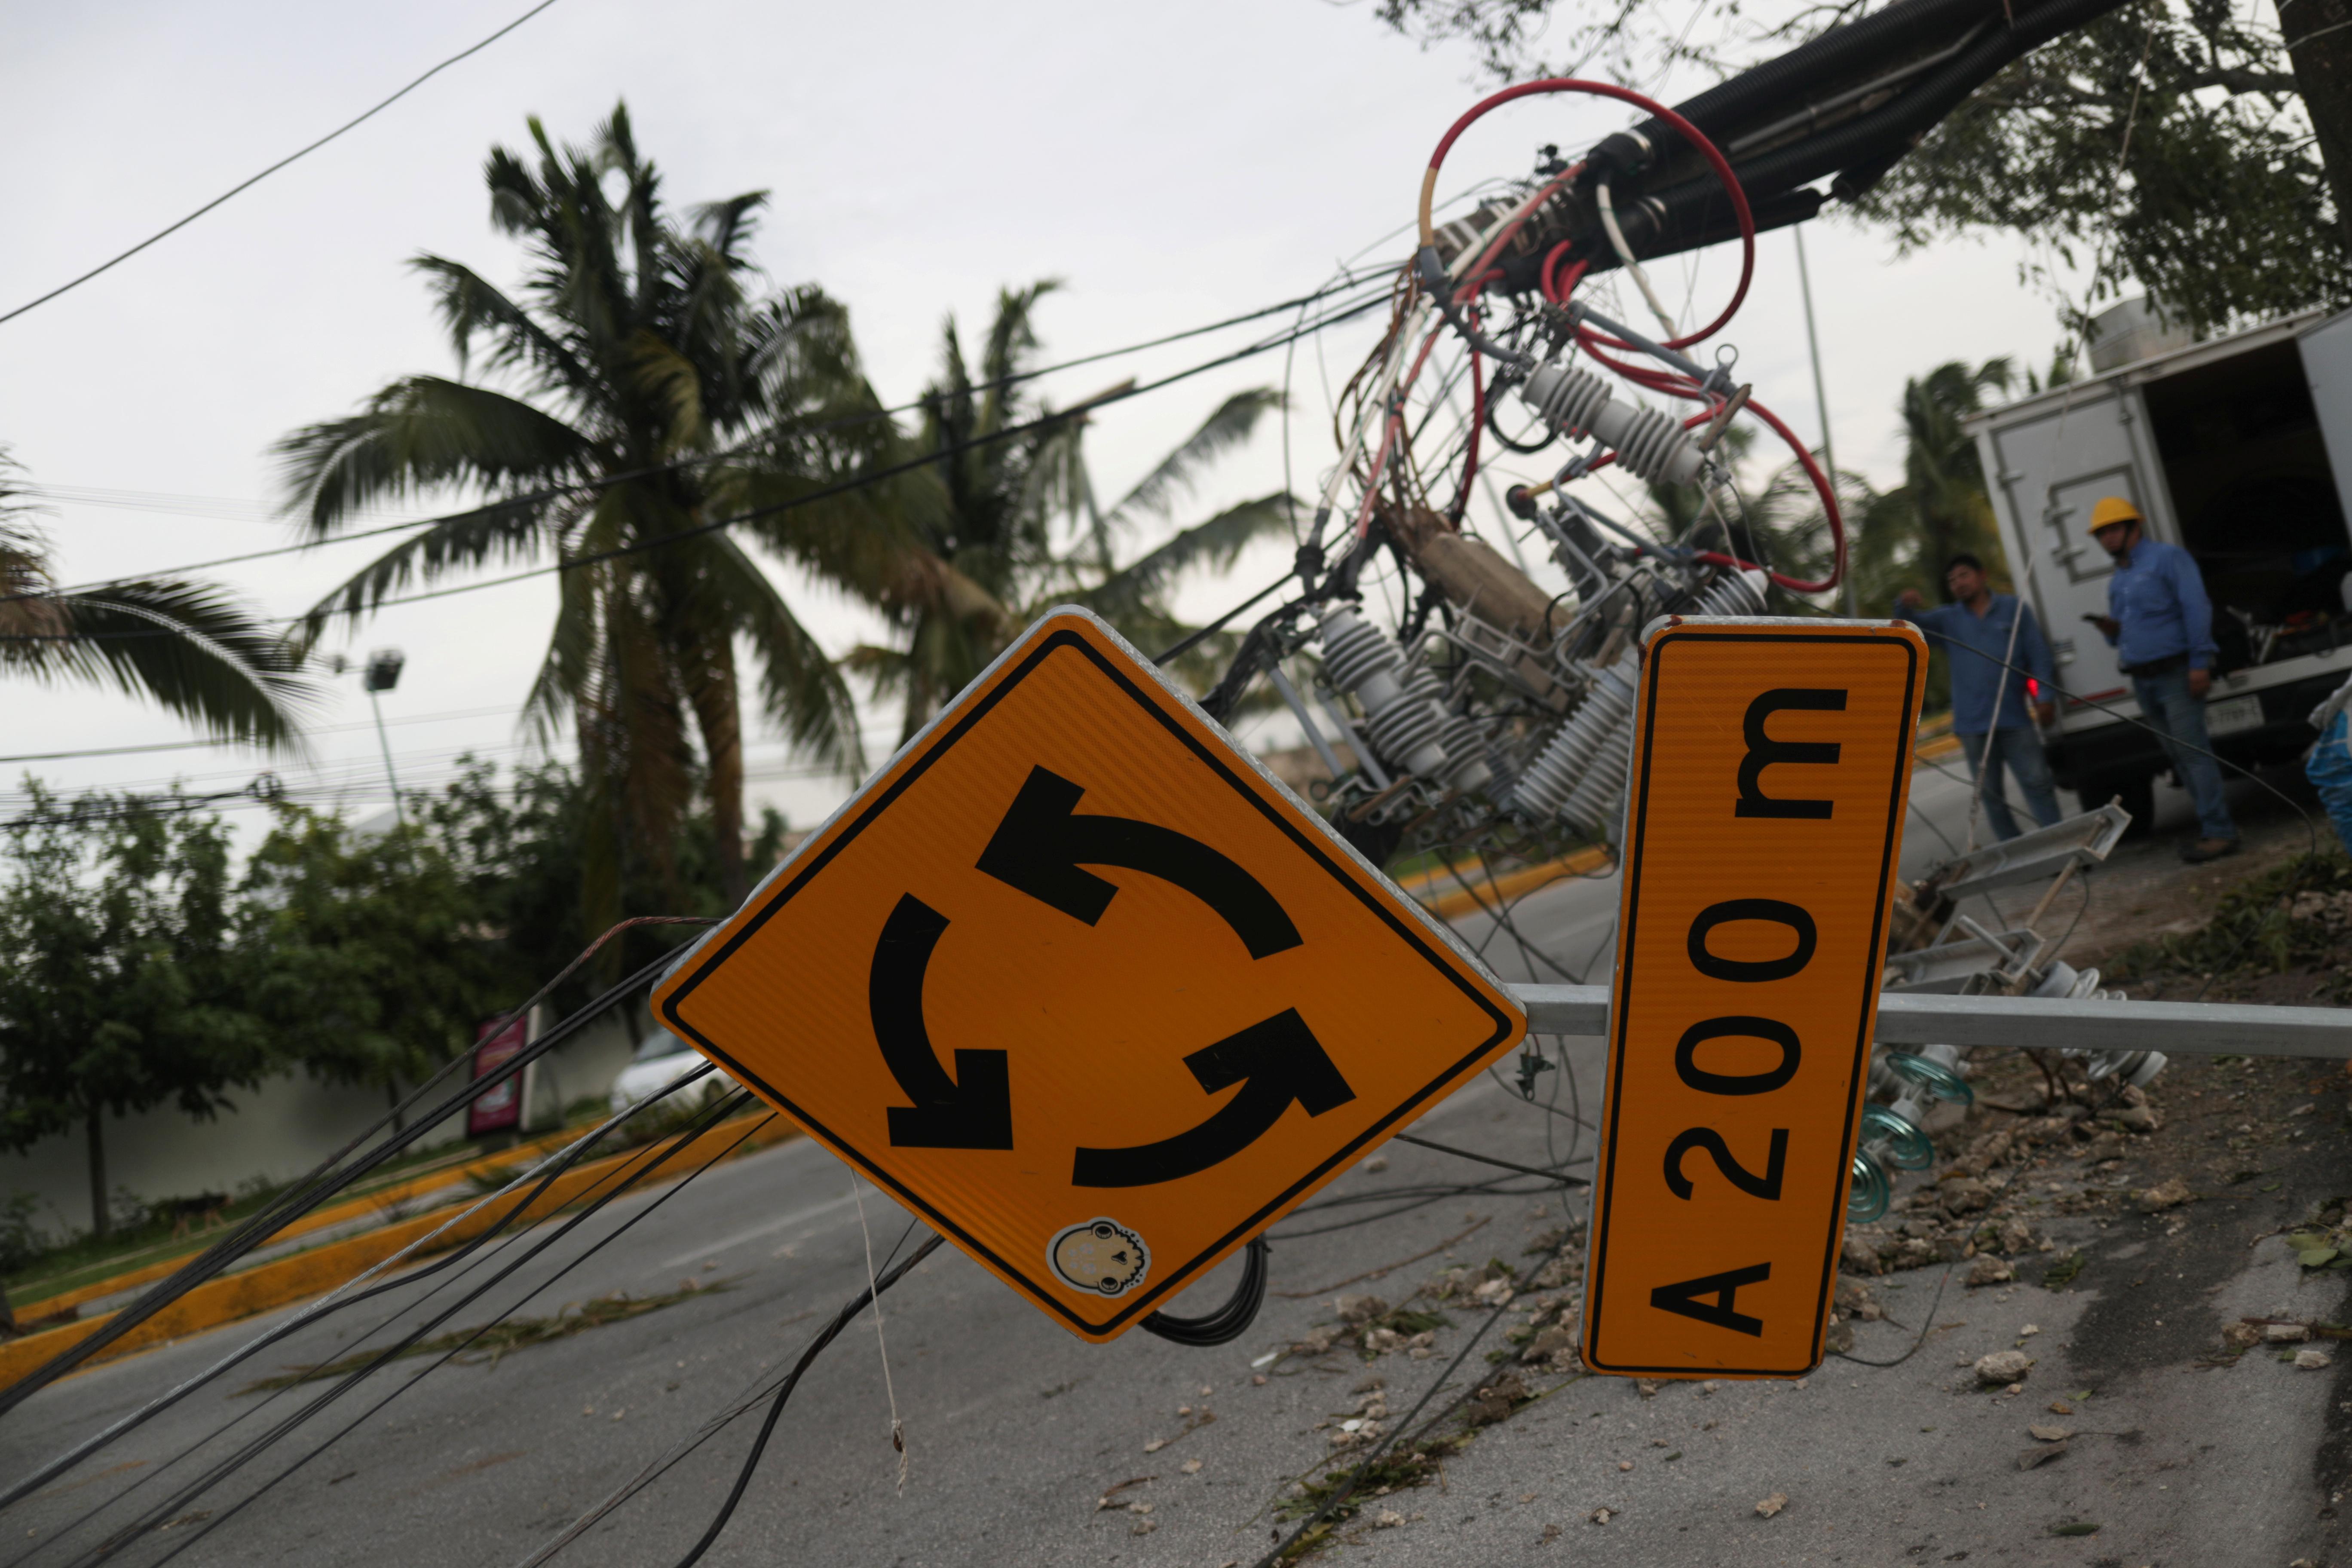 Las líneas de telecomunicaciones y los letreros de las calles dañados se ven a raíz del huracán Delta en Cancún, en el estado de Quintana Roo, México, el 7 de octubre de 2020.